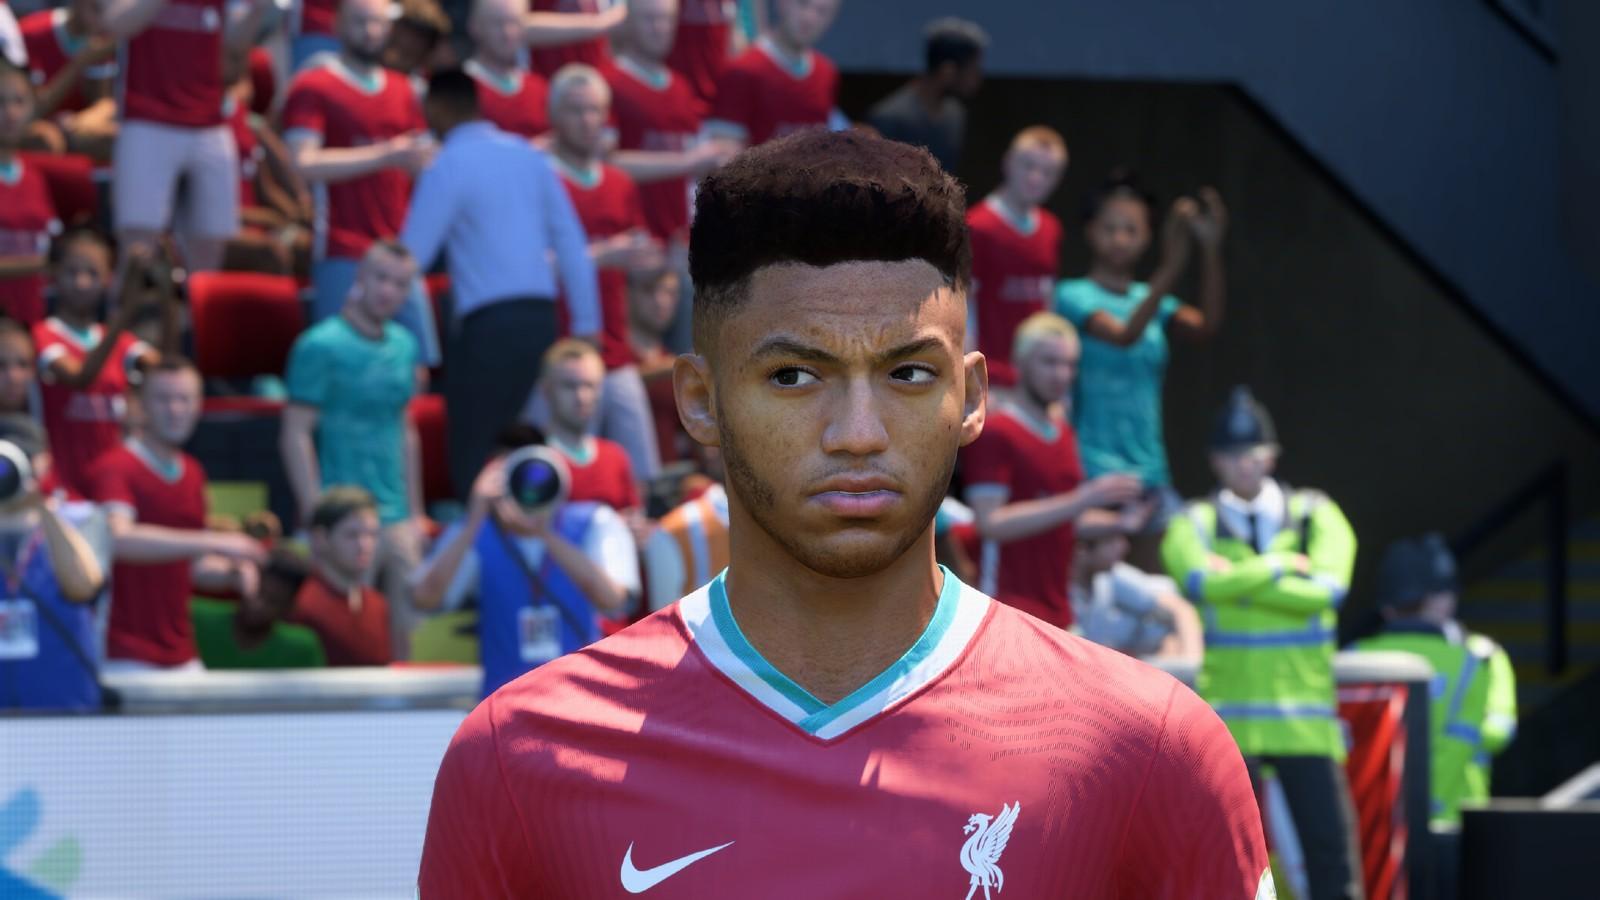 FIFA 21 TOTW 5 FUT